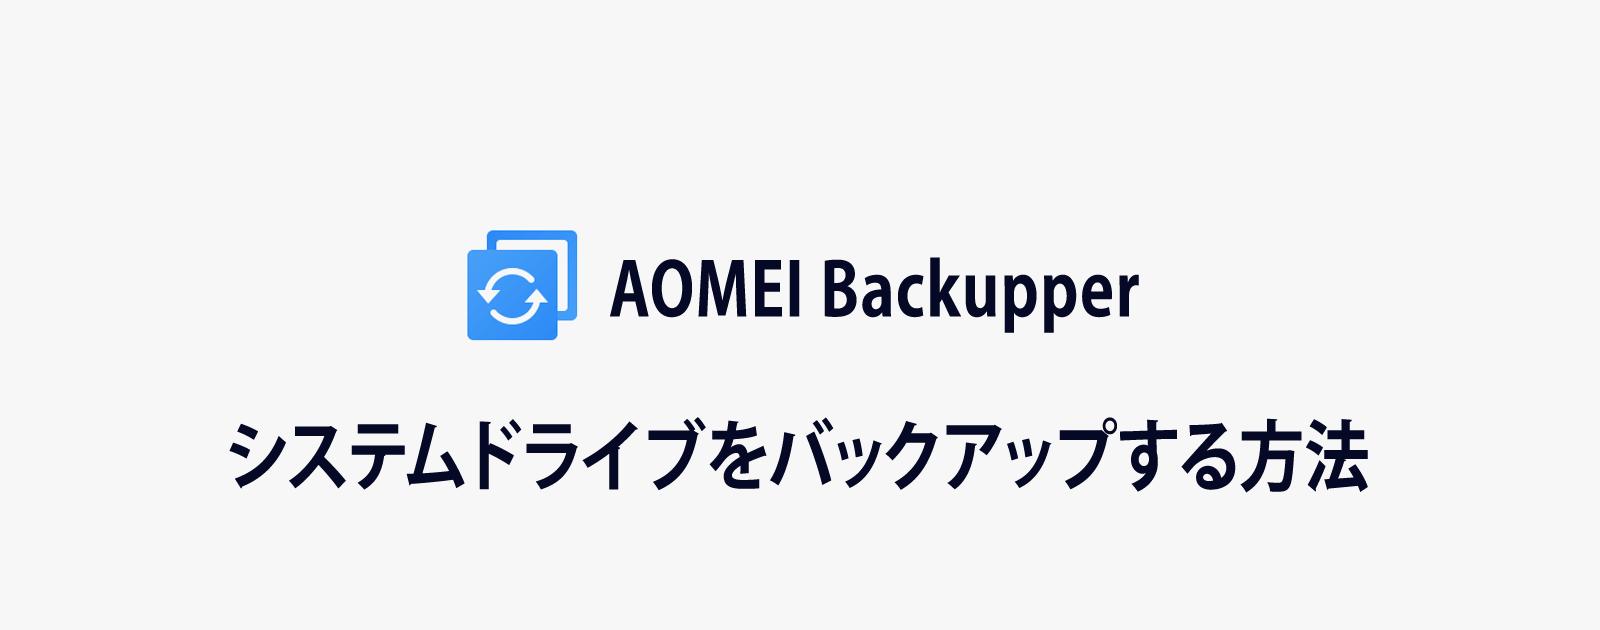 AOMEI Backupperを利用してシステムドライブをバックアップする方法